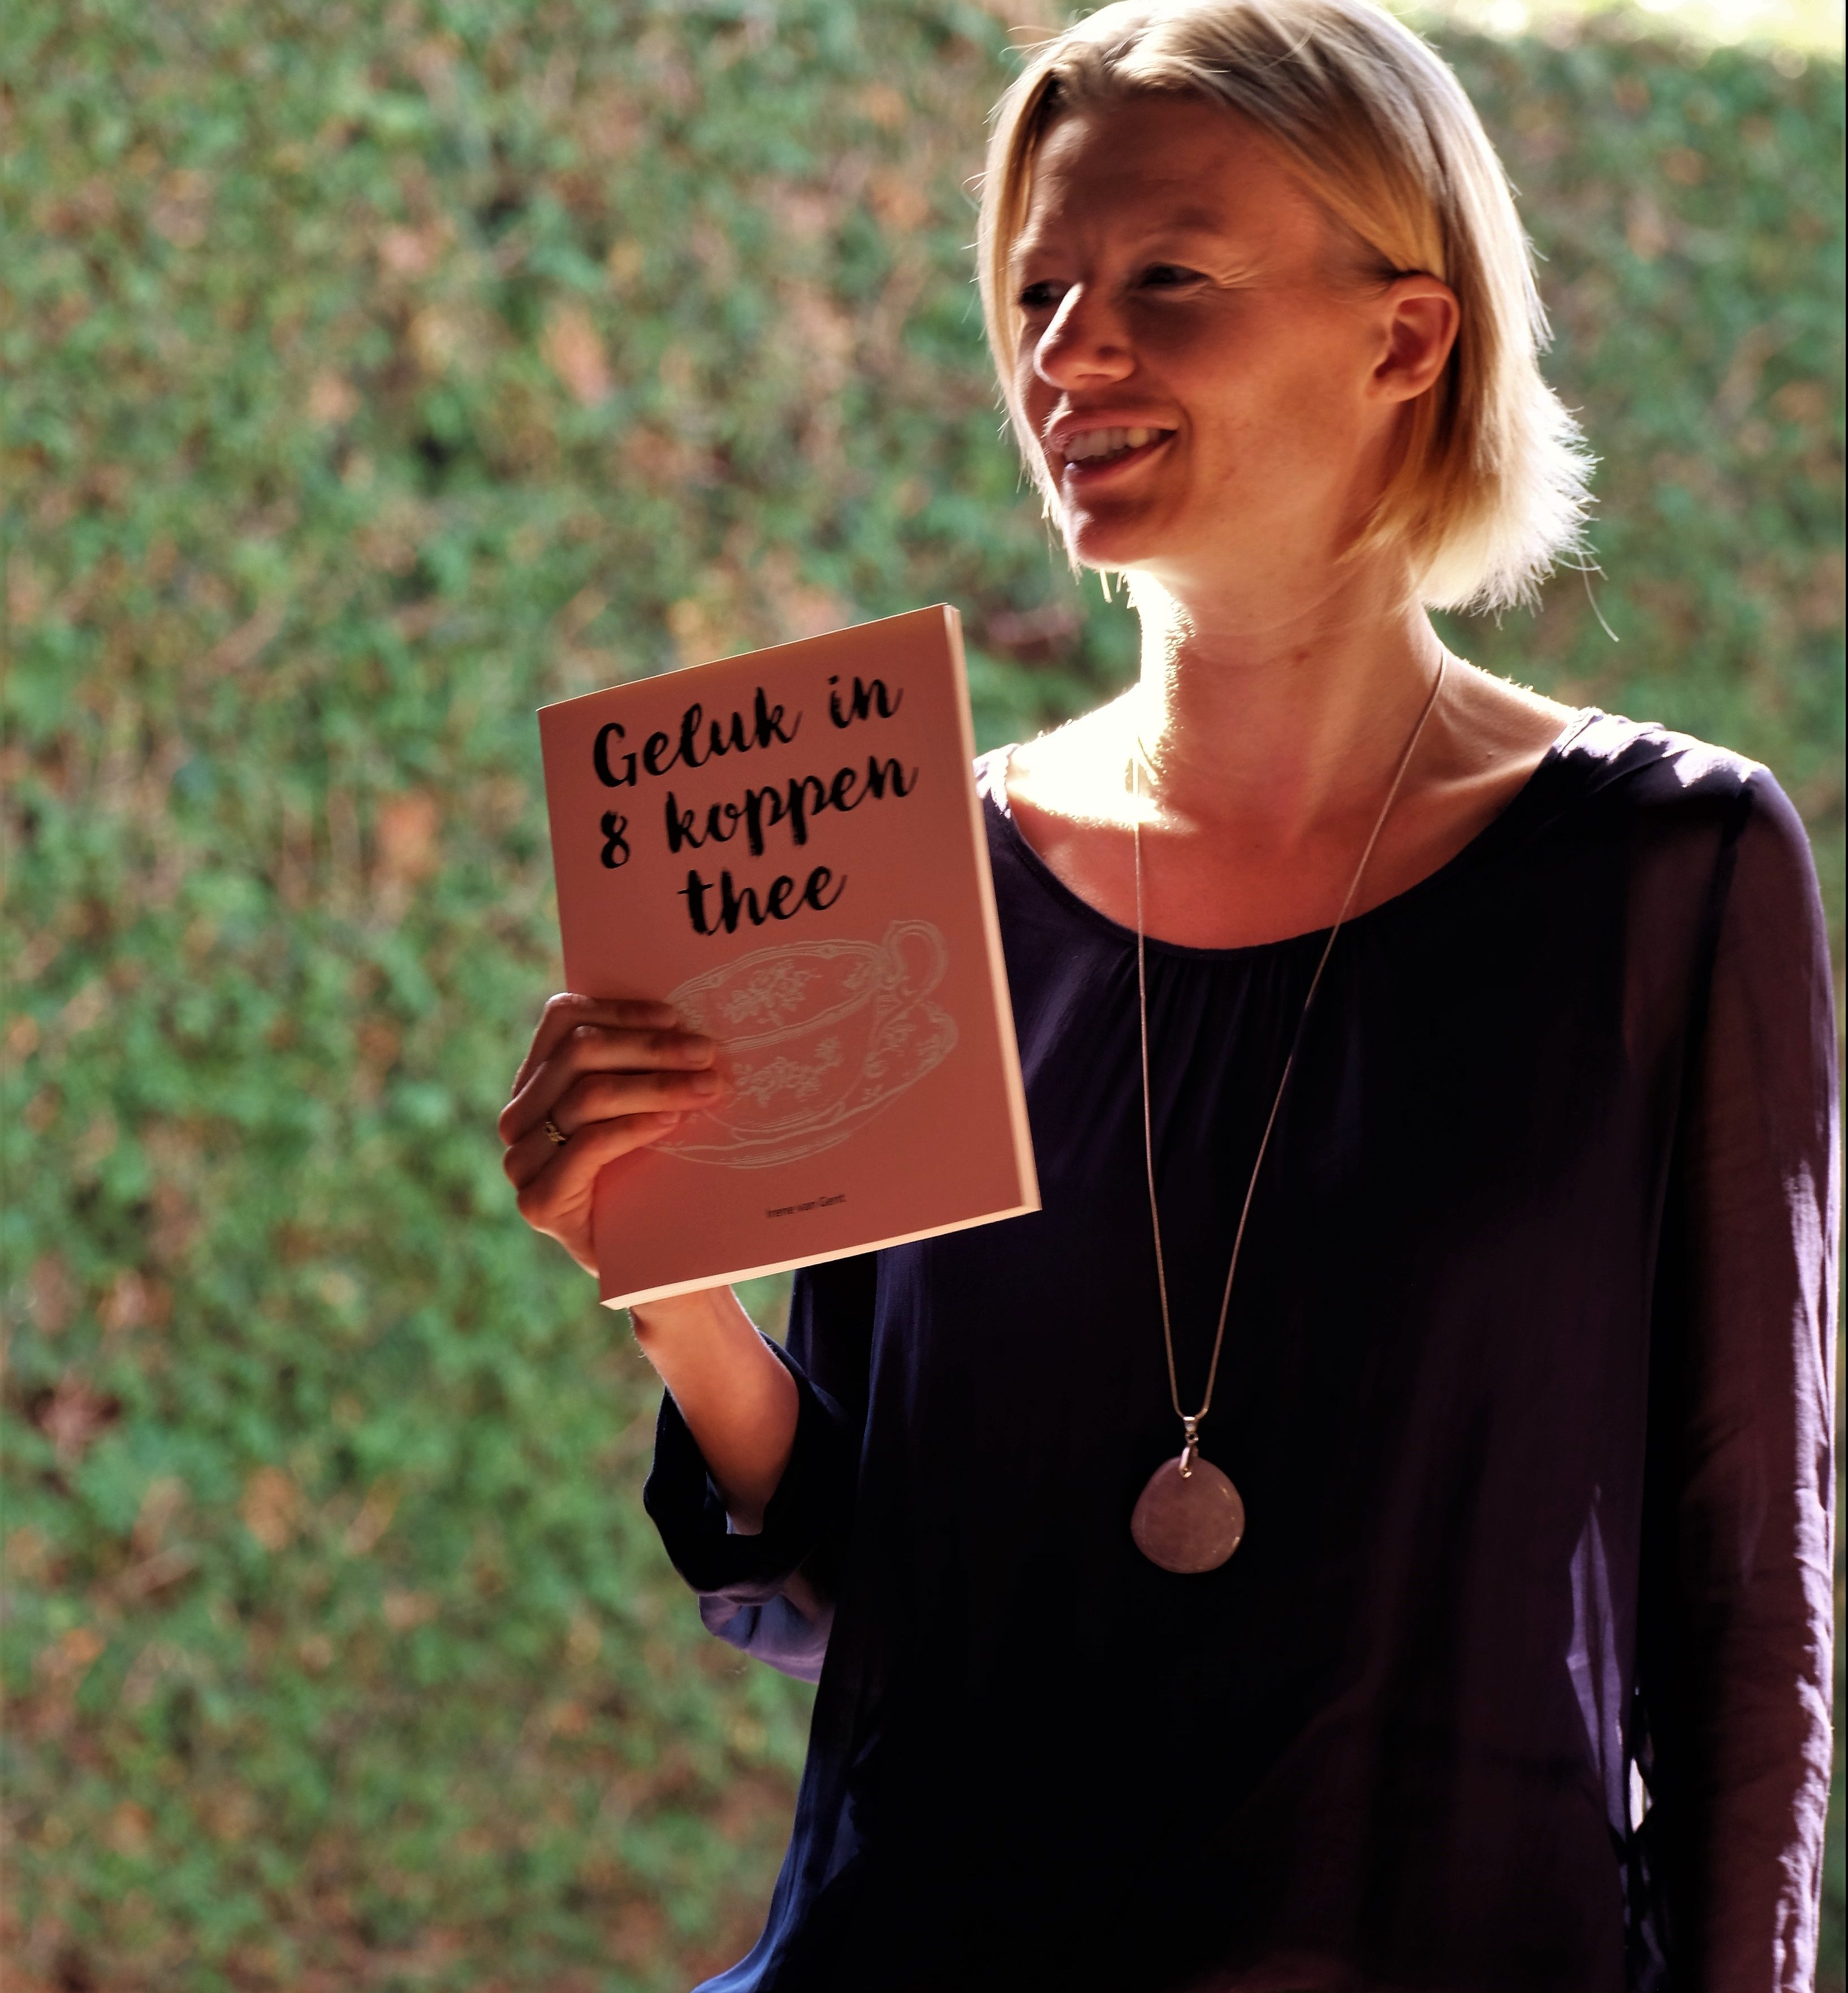 Irene van Gent - Geluk in 8 koppen thee